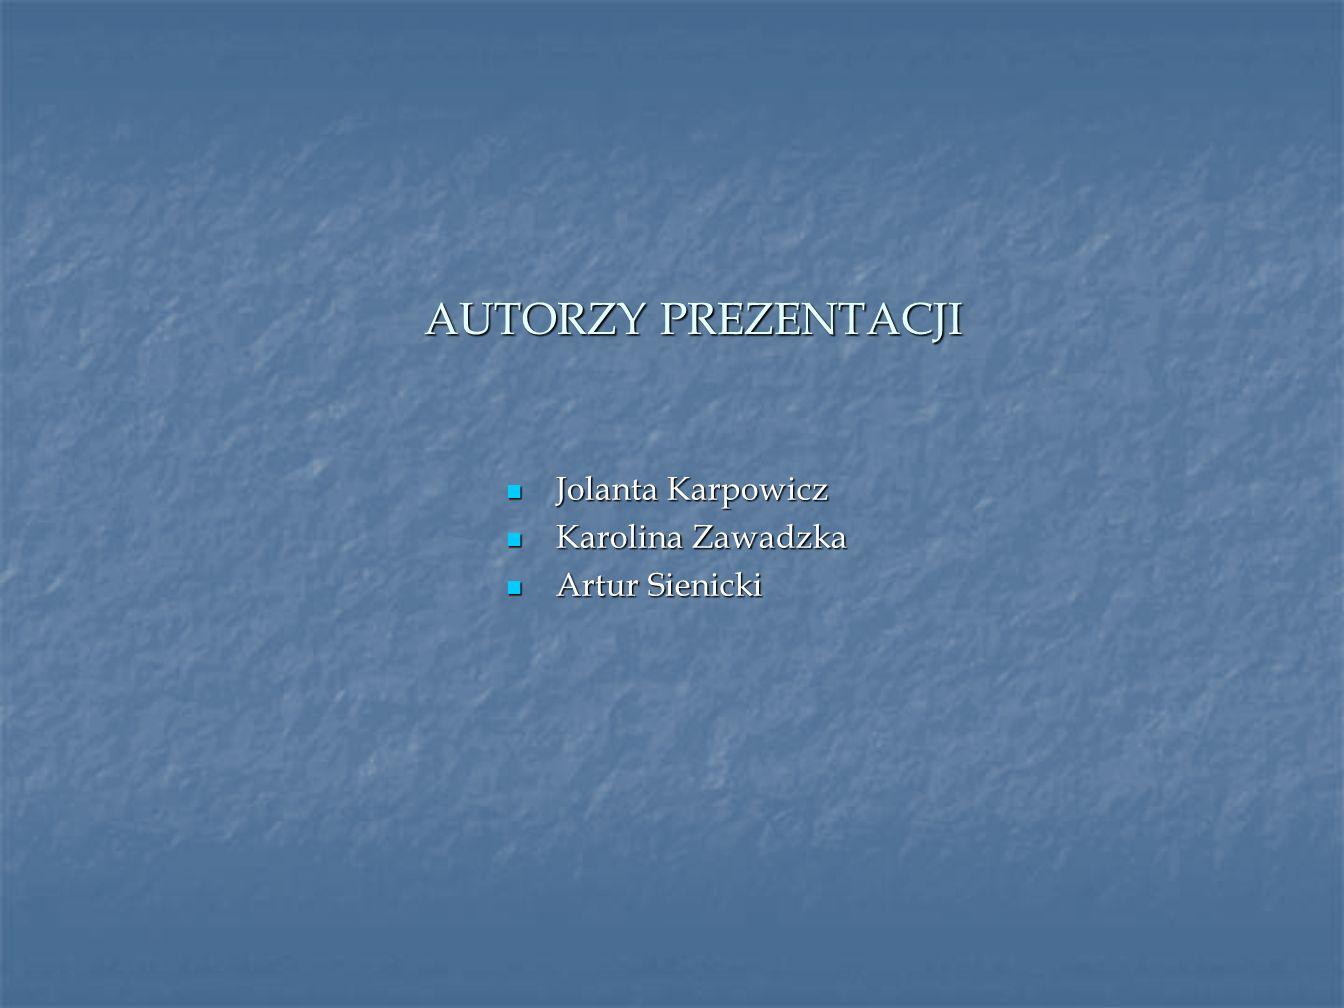 AUTORZY PREZENTACJI Jolanta Karpowicz Karolina Zawadzka Artur Sienicki